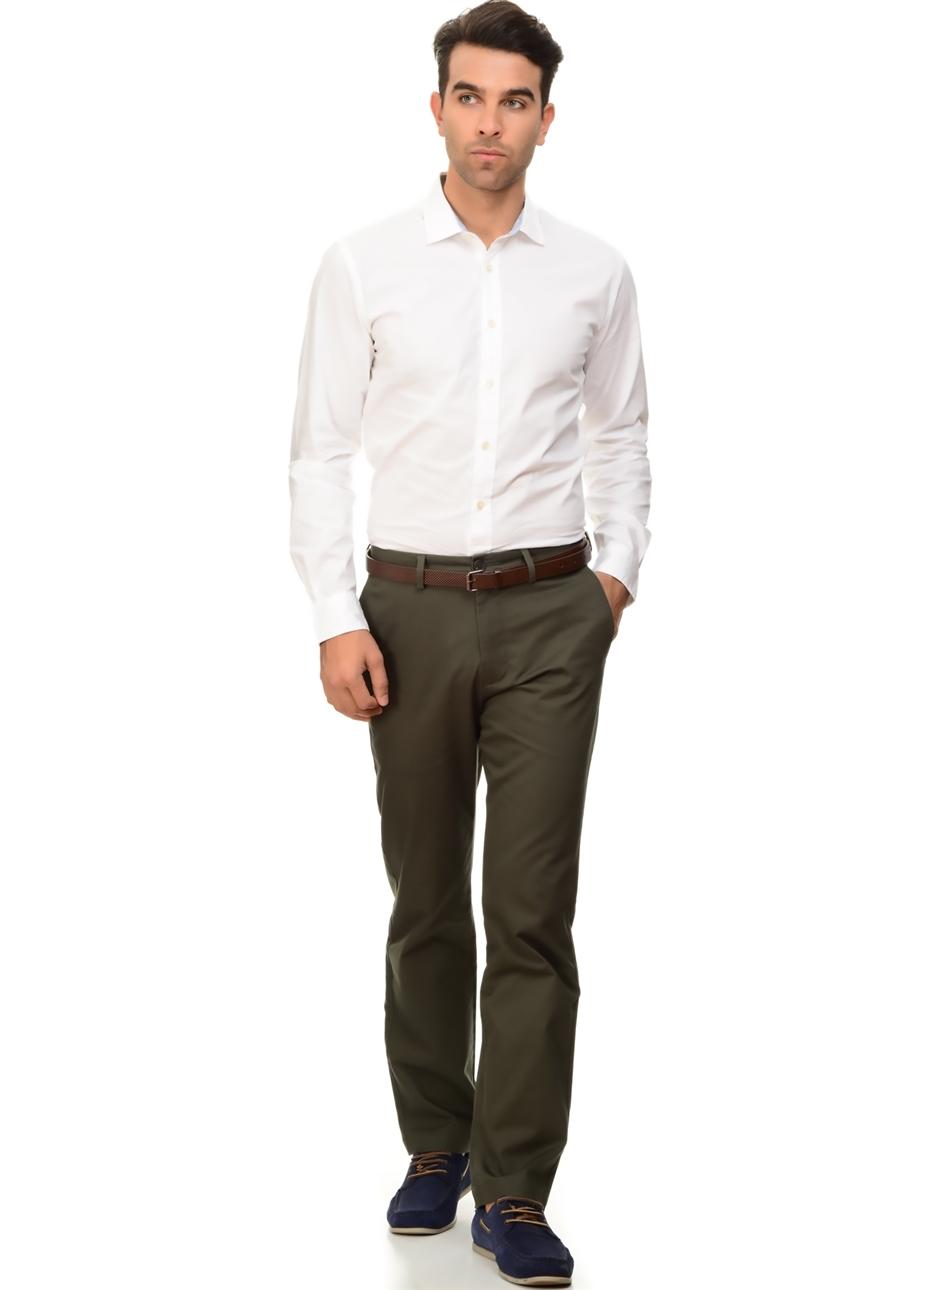 3c85fd325fb42 Dockers Standard Clean Khaki Slim - Stretch Twill Klasik Pantolon 36-34  5000127213010